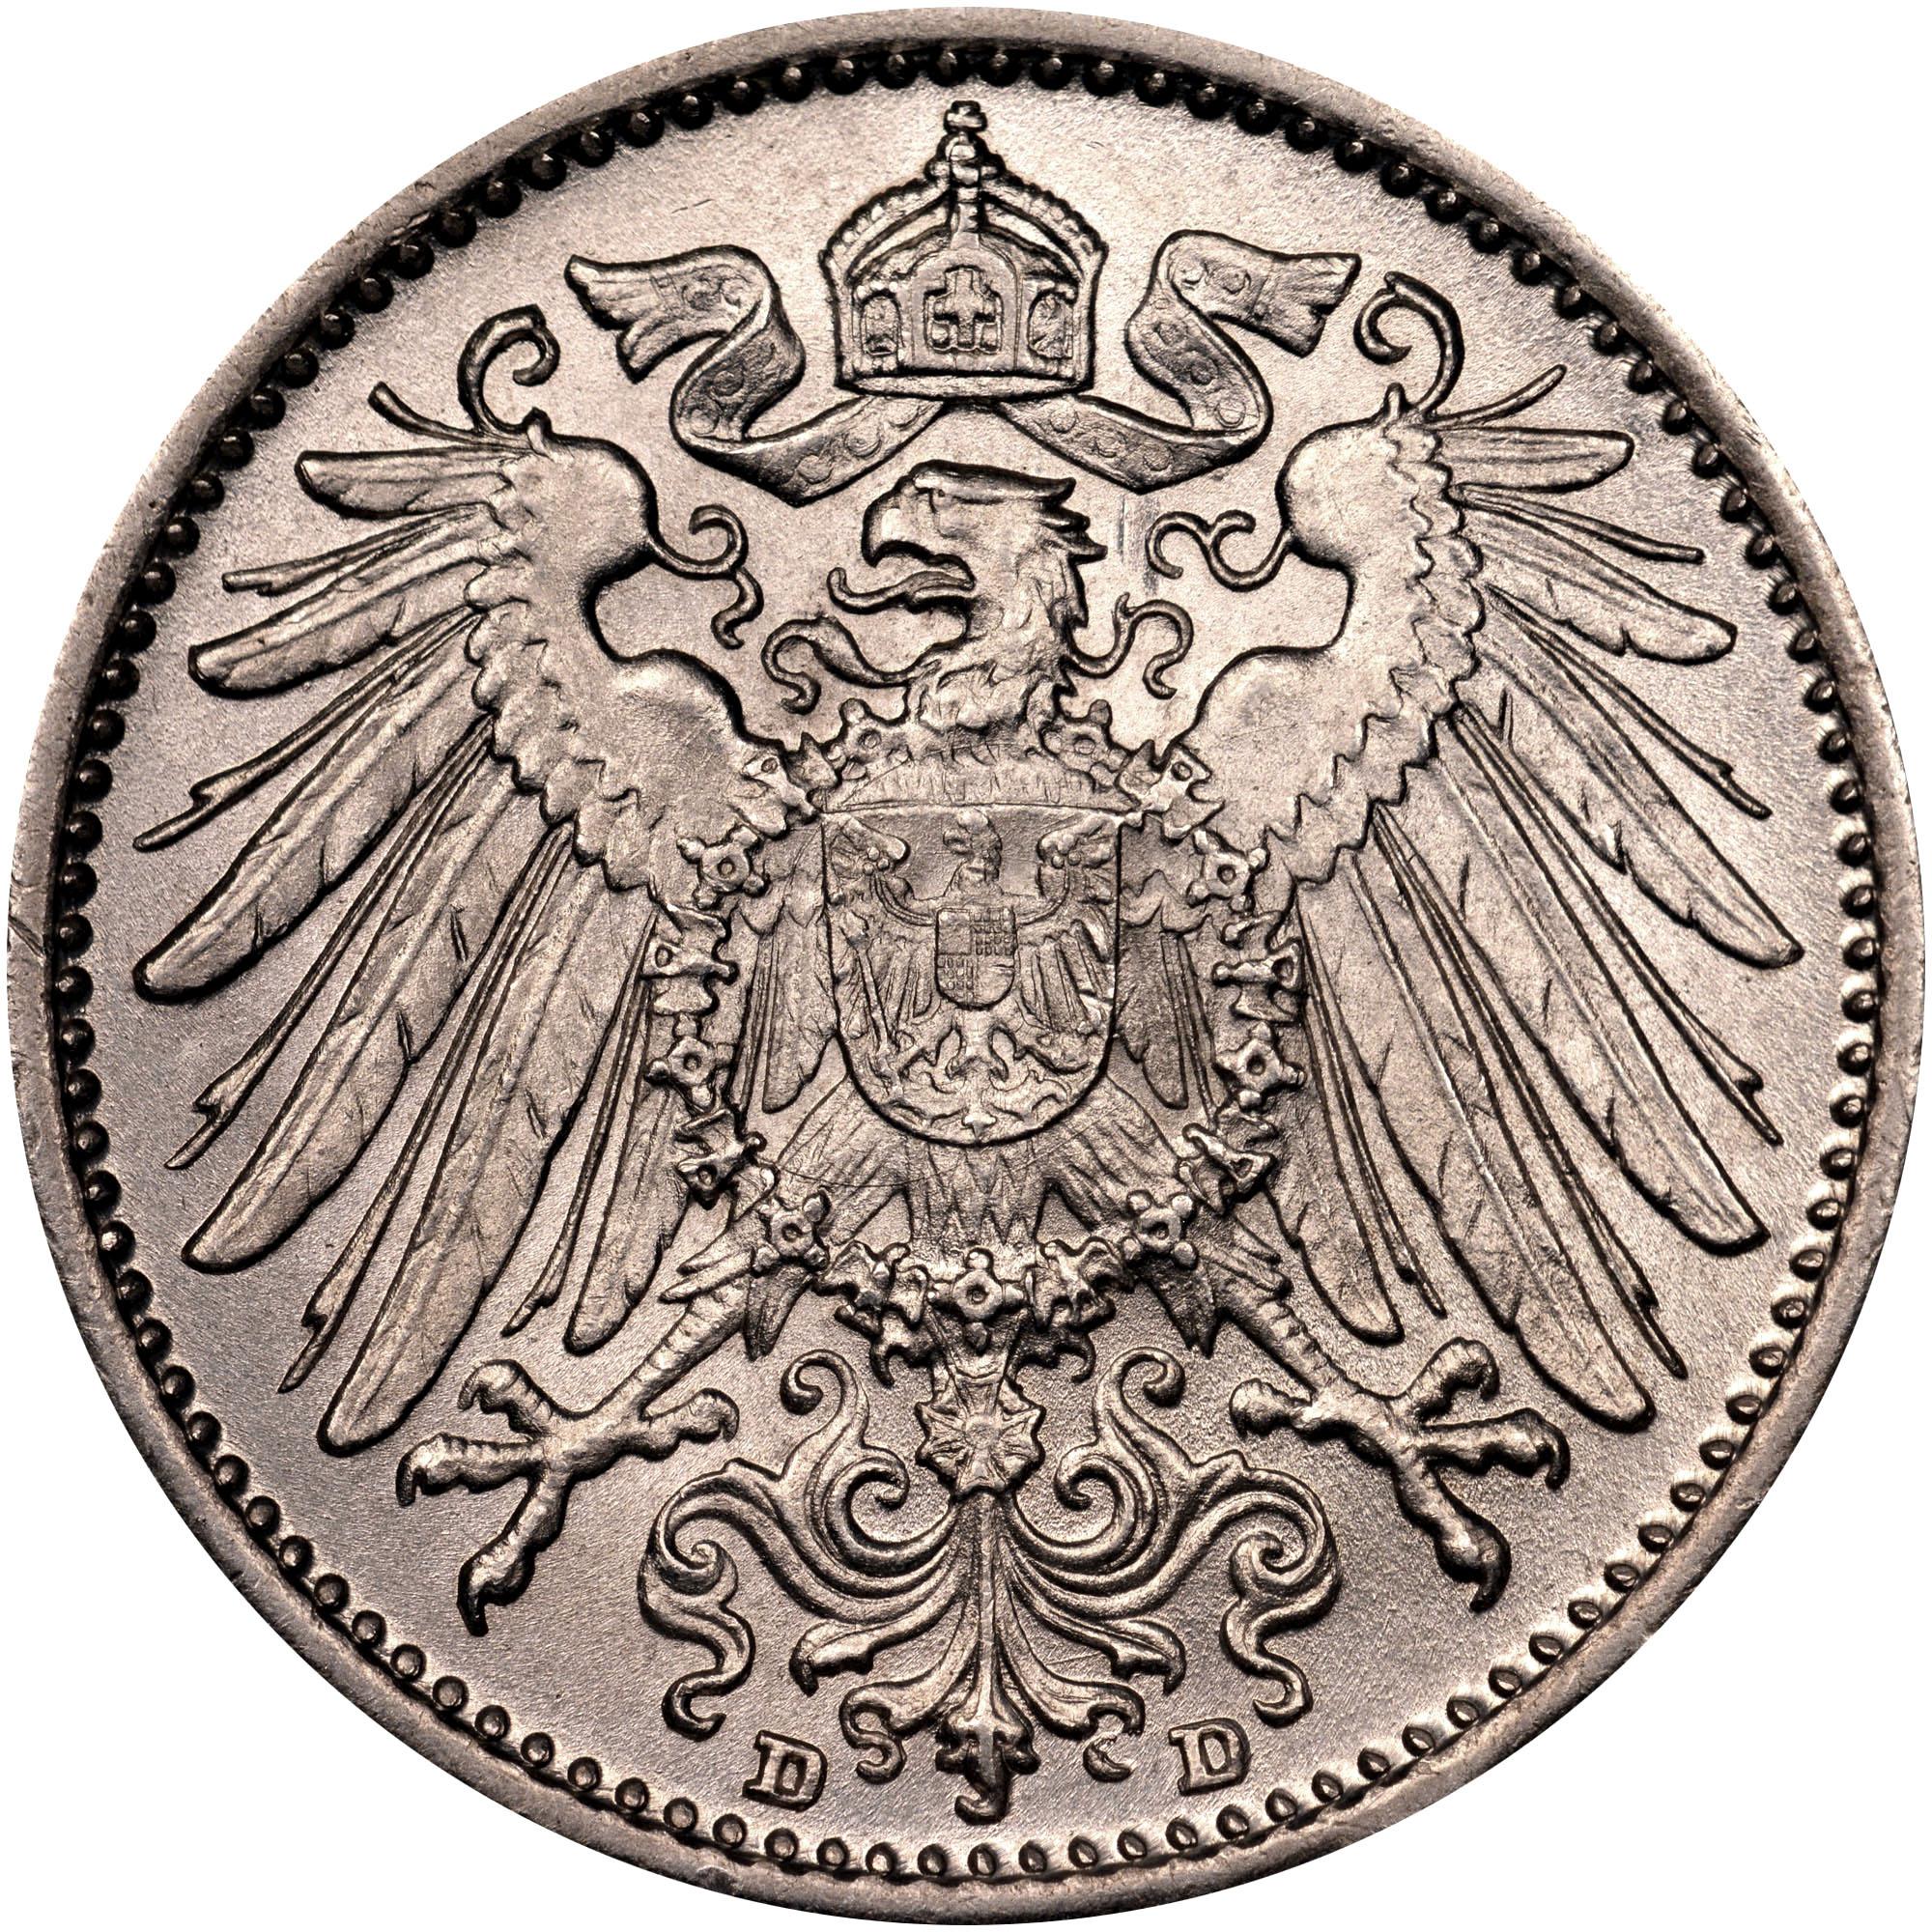 Germany - Empire Mark reverse